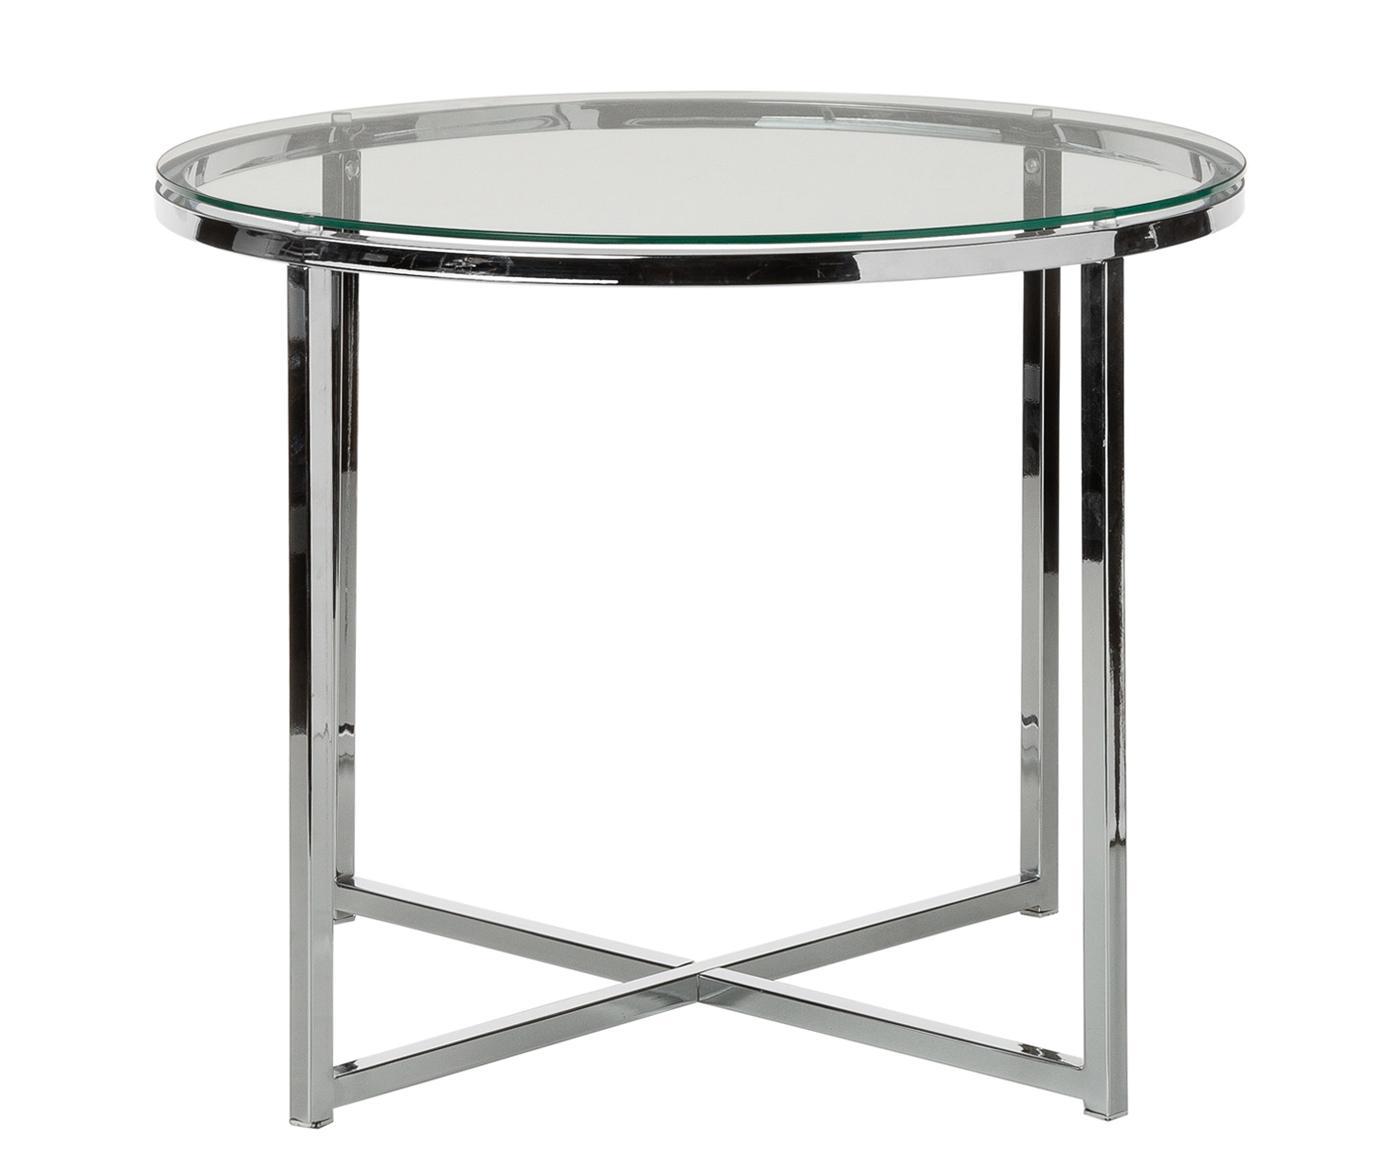 Tavolino con piano in vetro Matheo, Struttura: metallo cromato, Piano d'appoggio: vetro temperato, Trasparente, metallo cromato, Ø 55 x Alt. 45 cm